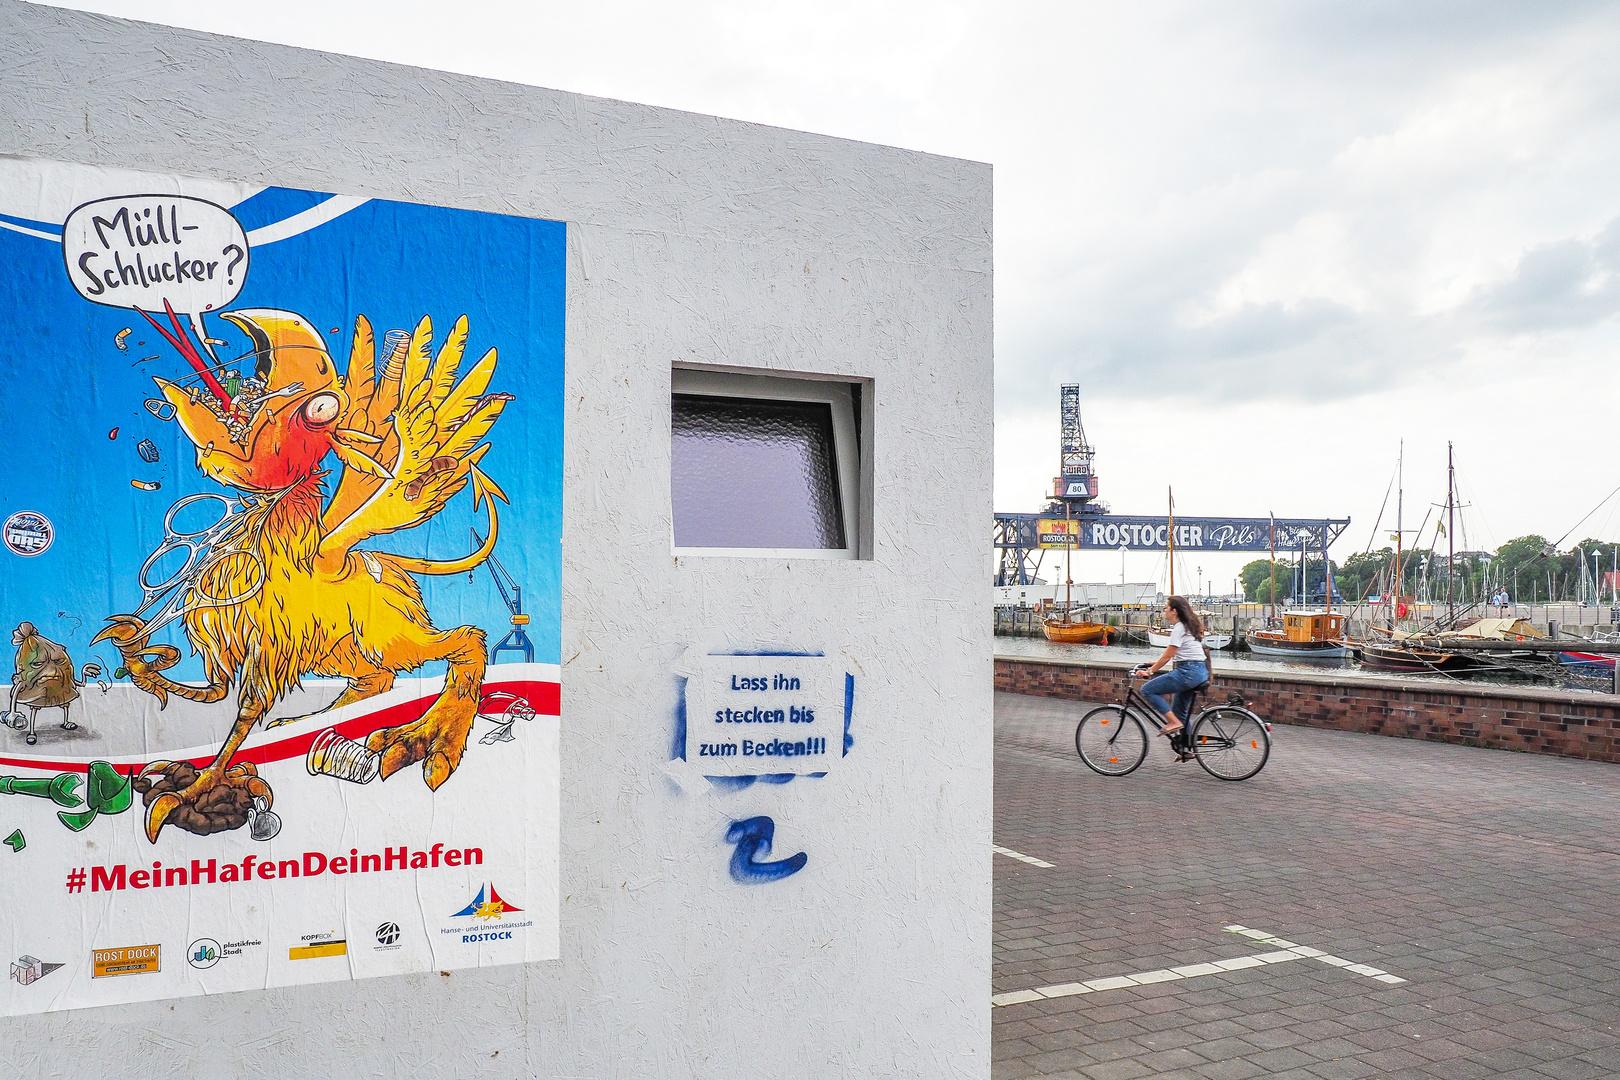 Rostocker Aktion #MeinHafenDeinHafen contra Saustall